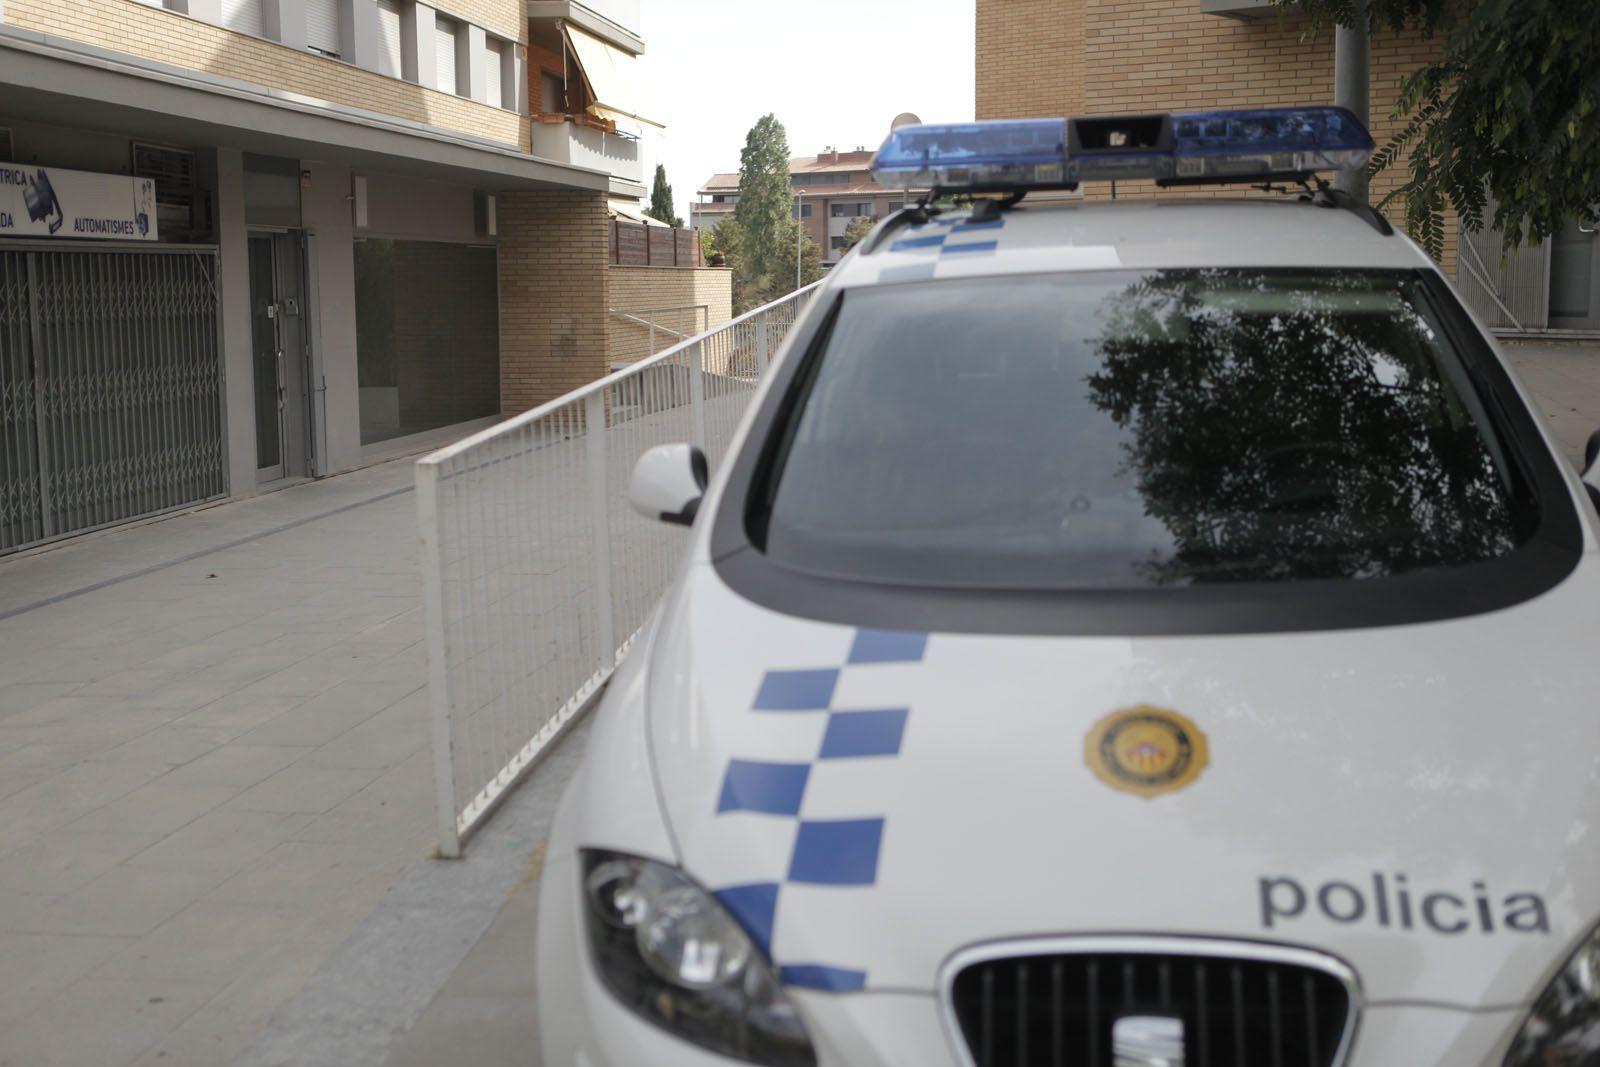 Un vehicle de la Policia Local de Sant Cugat FOTO: Artur Ribera